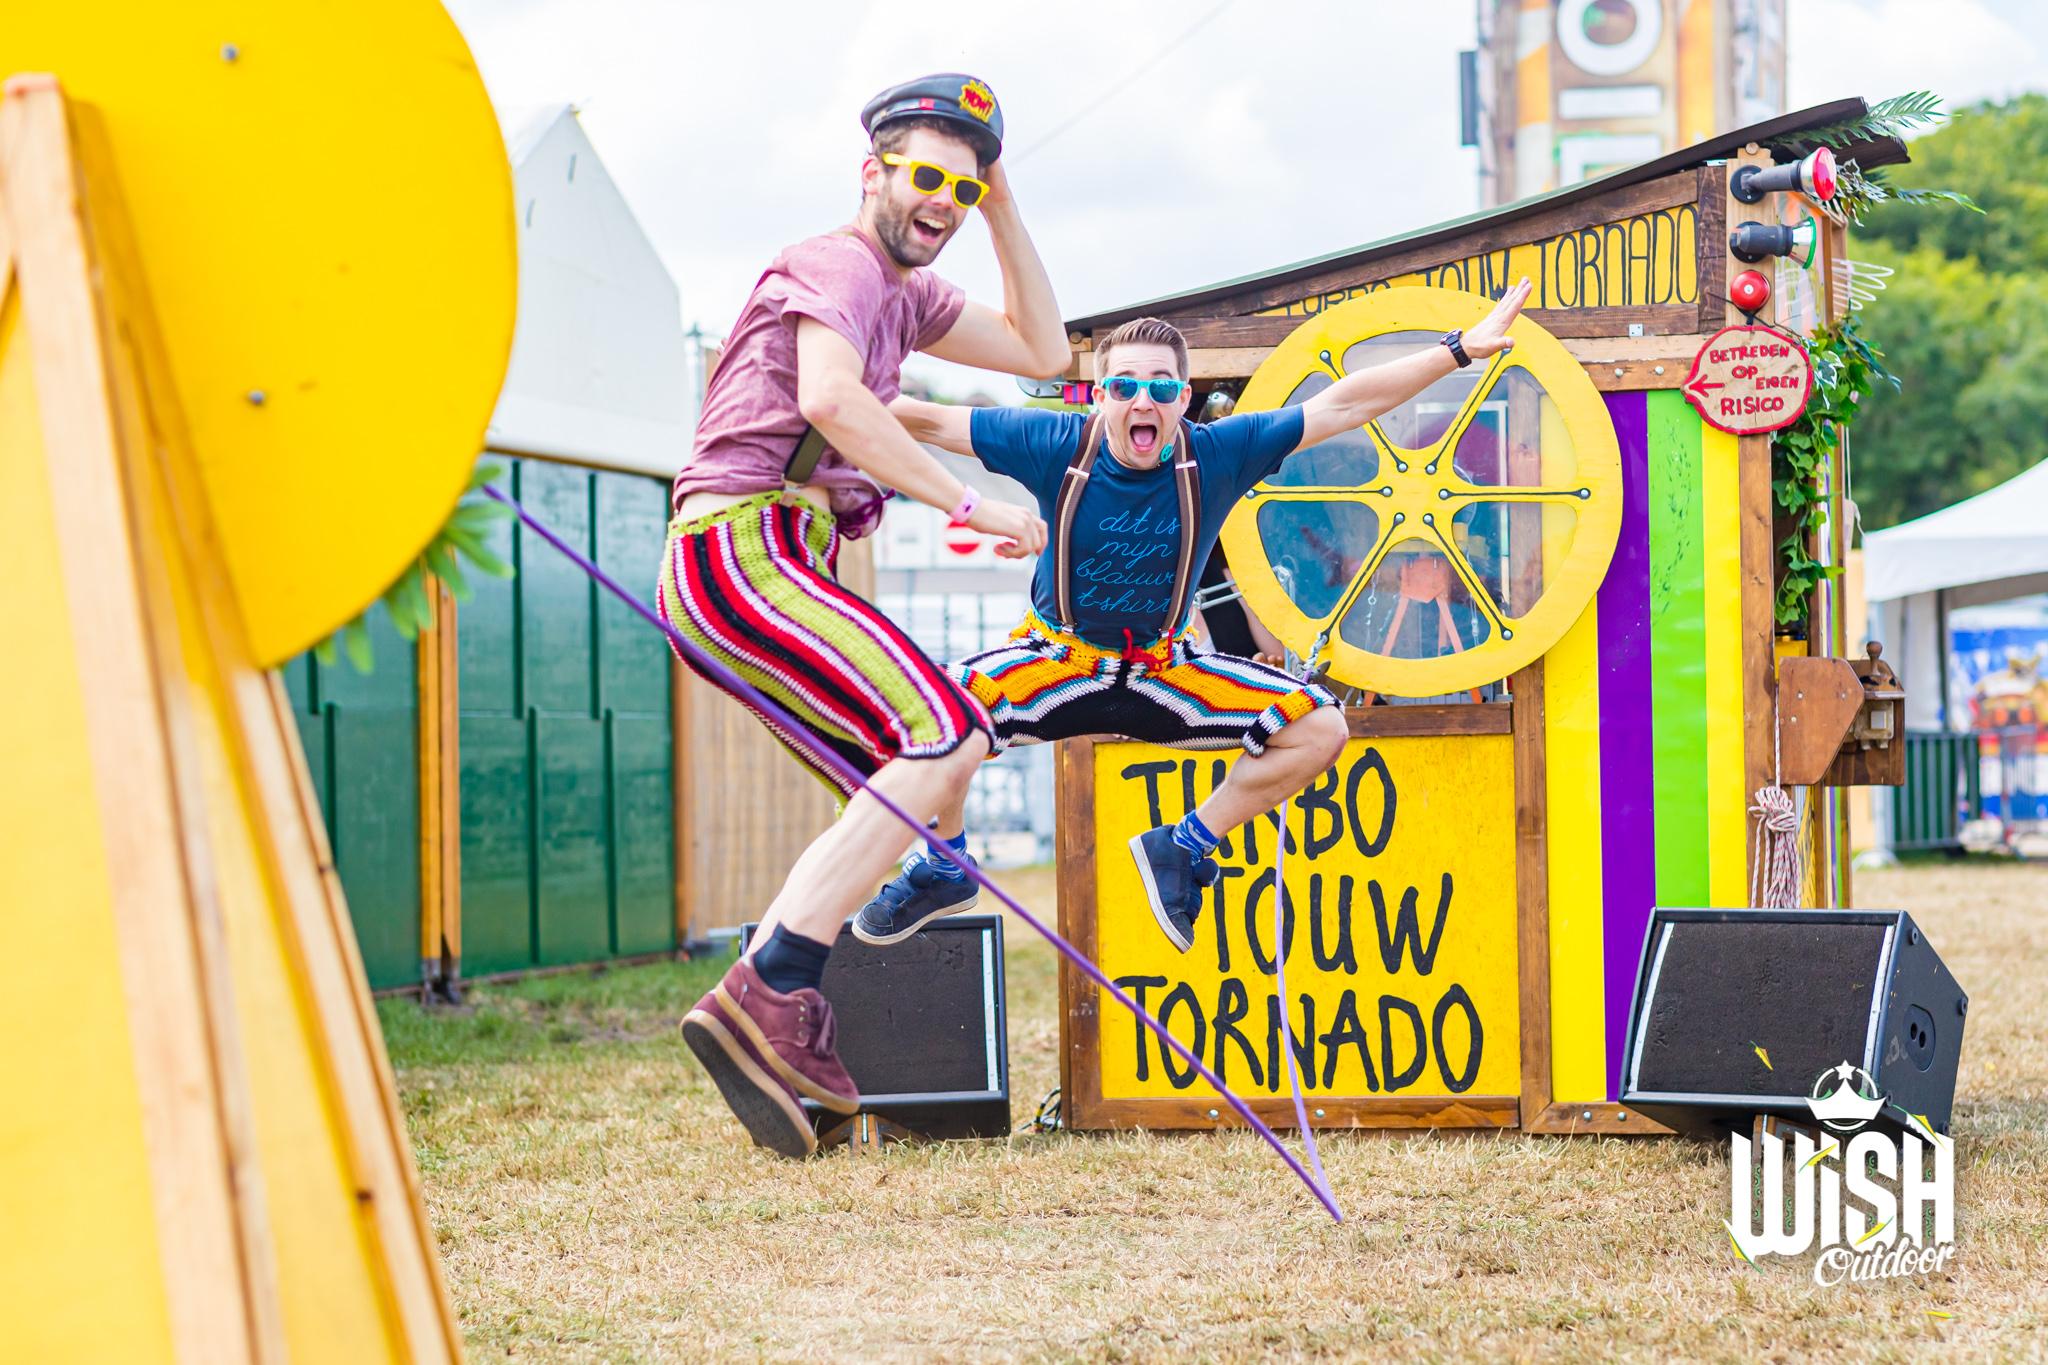 Turbo Touw Tornado